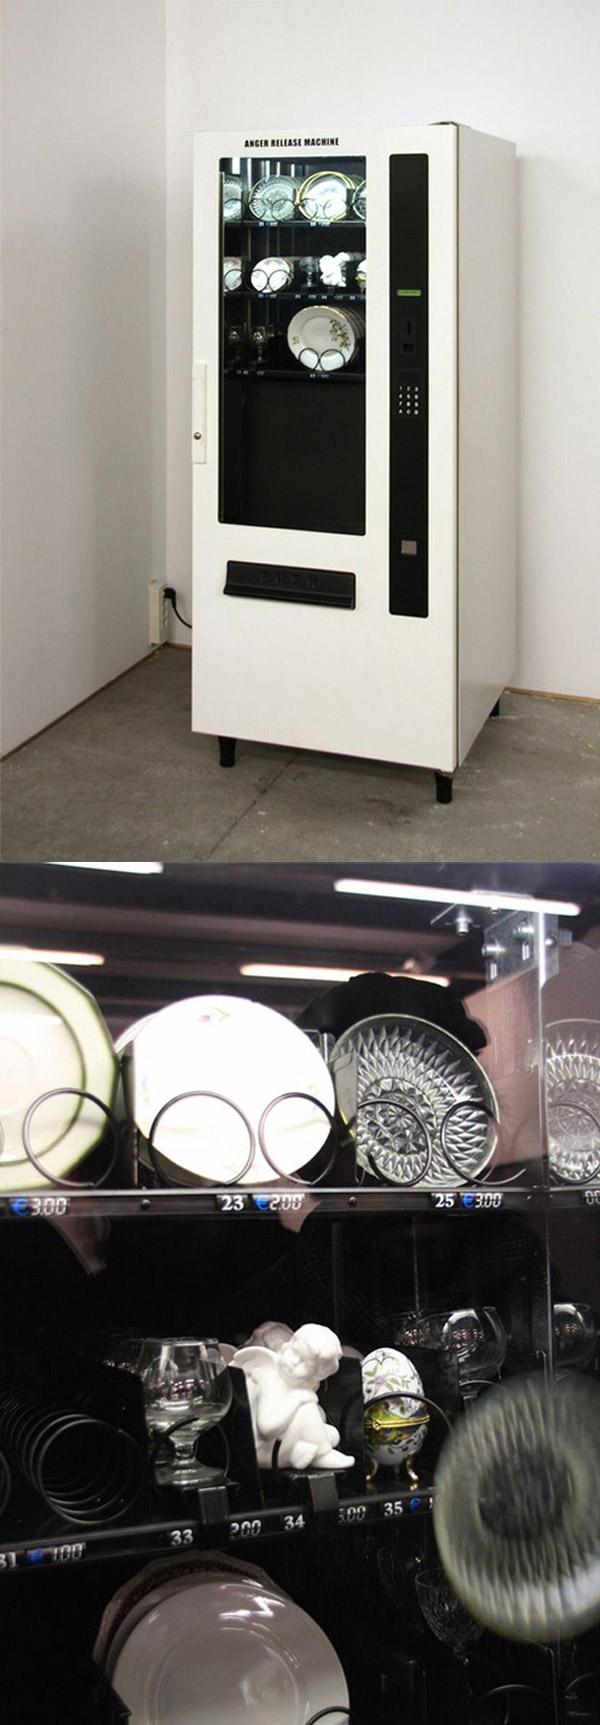 Máquina expendedora de porcelana china